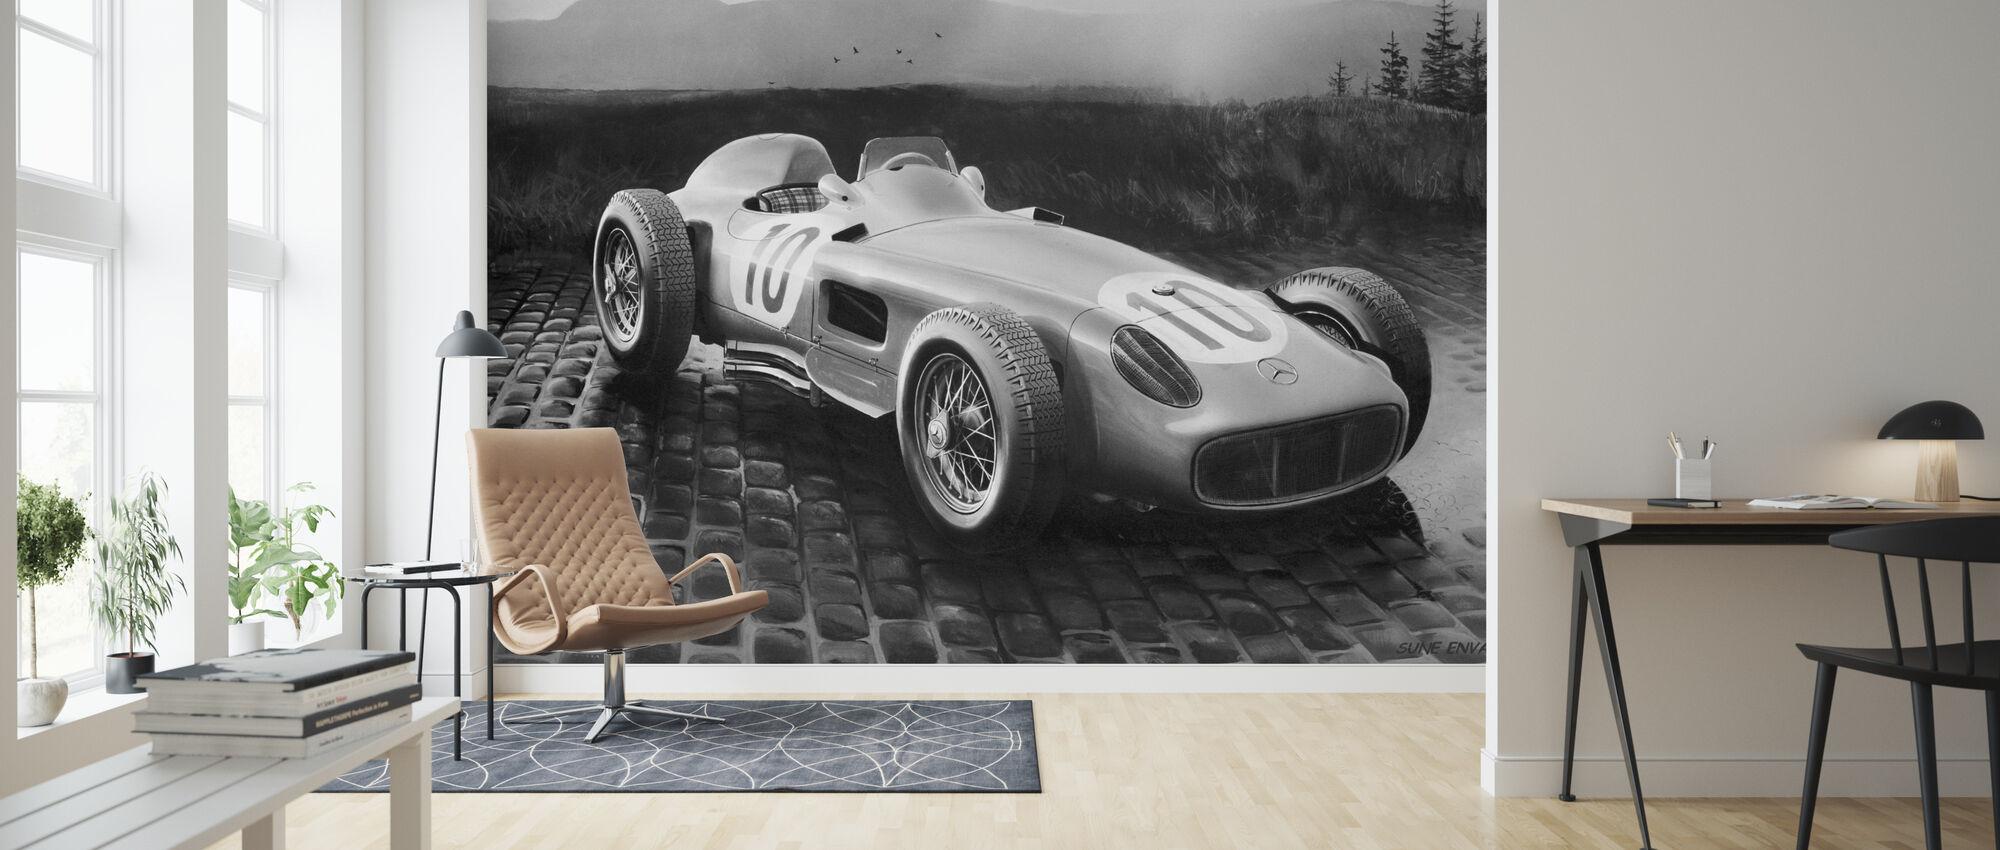 Car 1954 BW - Wallpaper - Living Room